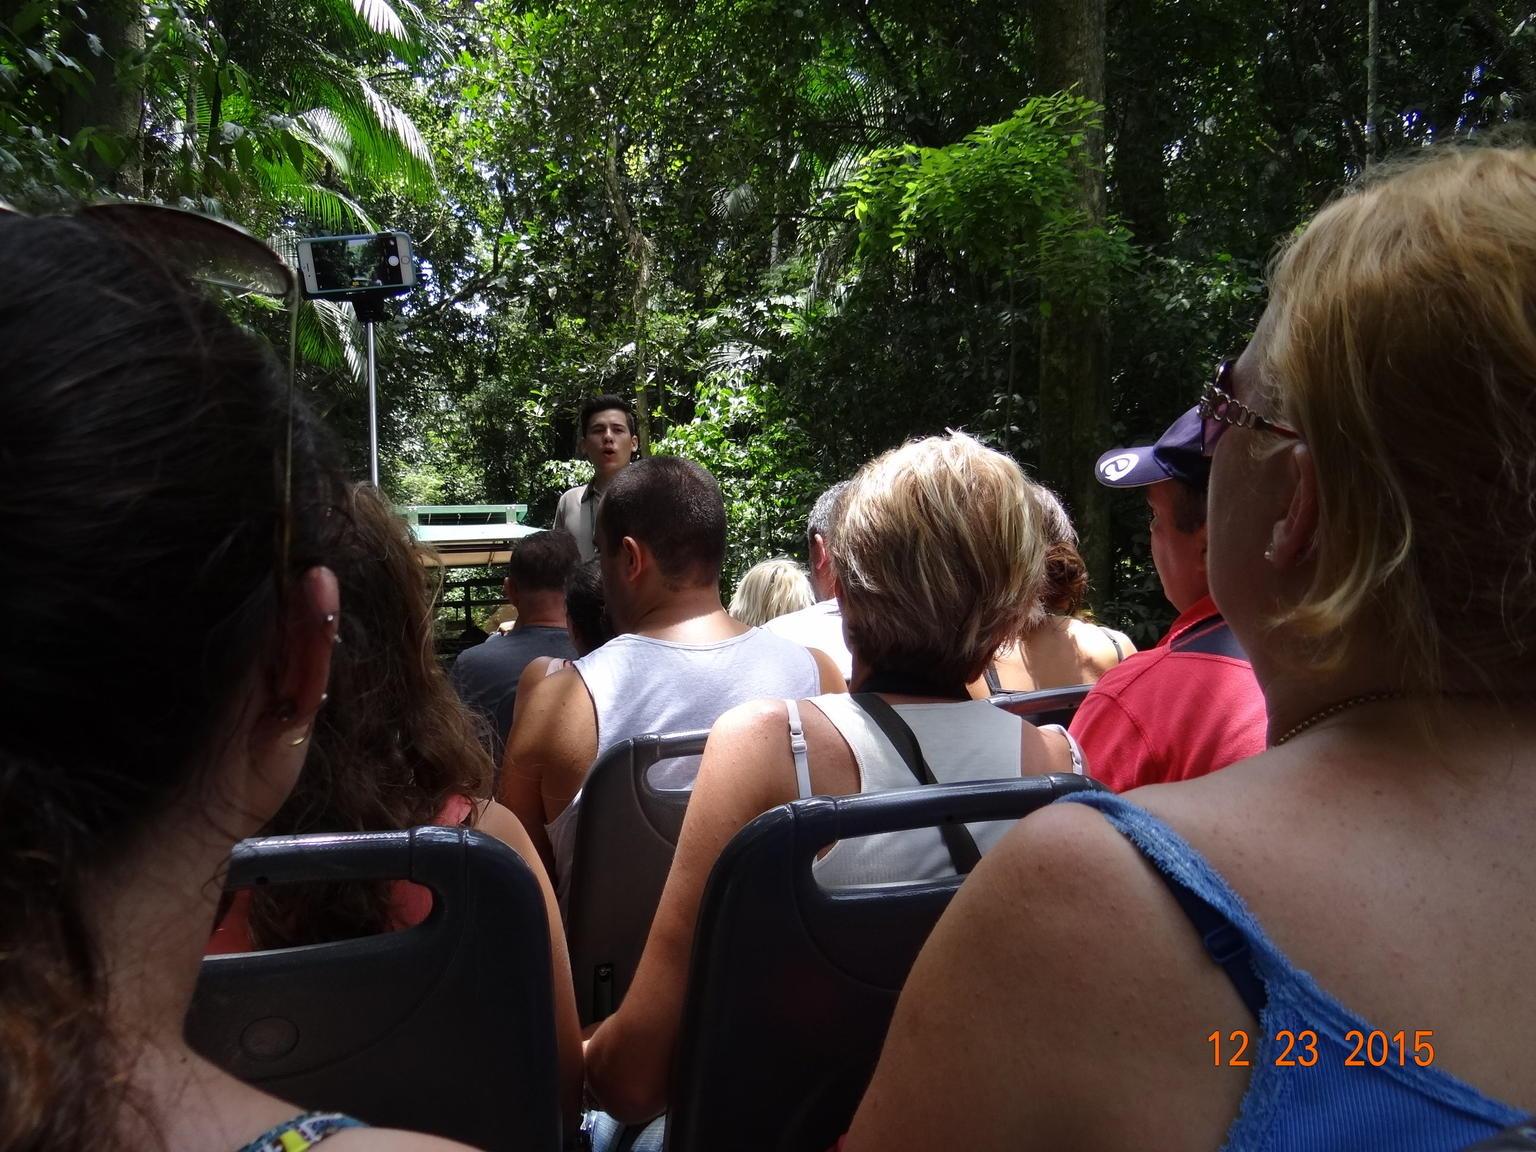 MÁS FOTOS, Excursión a las Cataratas del Iguazú: Recorrido en vehículo todoterreno, ruta de senderismo y paseo en barco para ver las cascadas